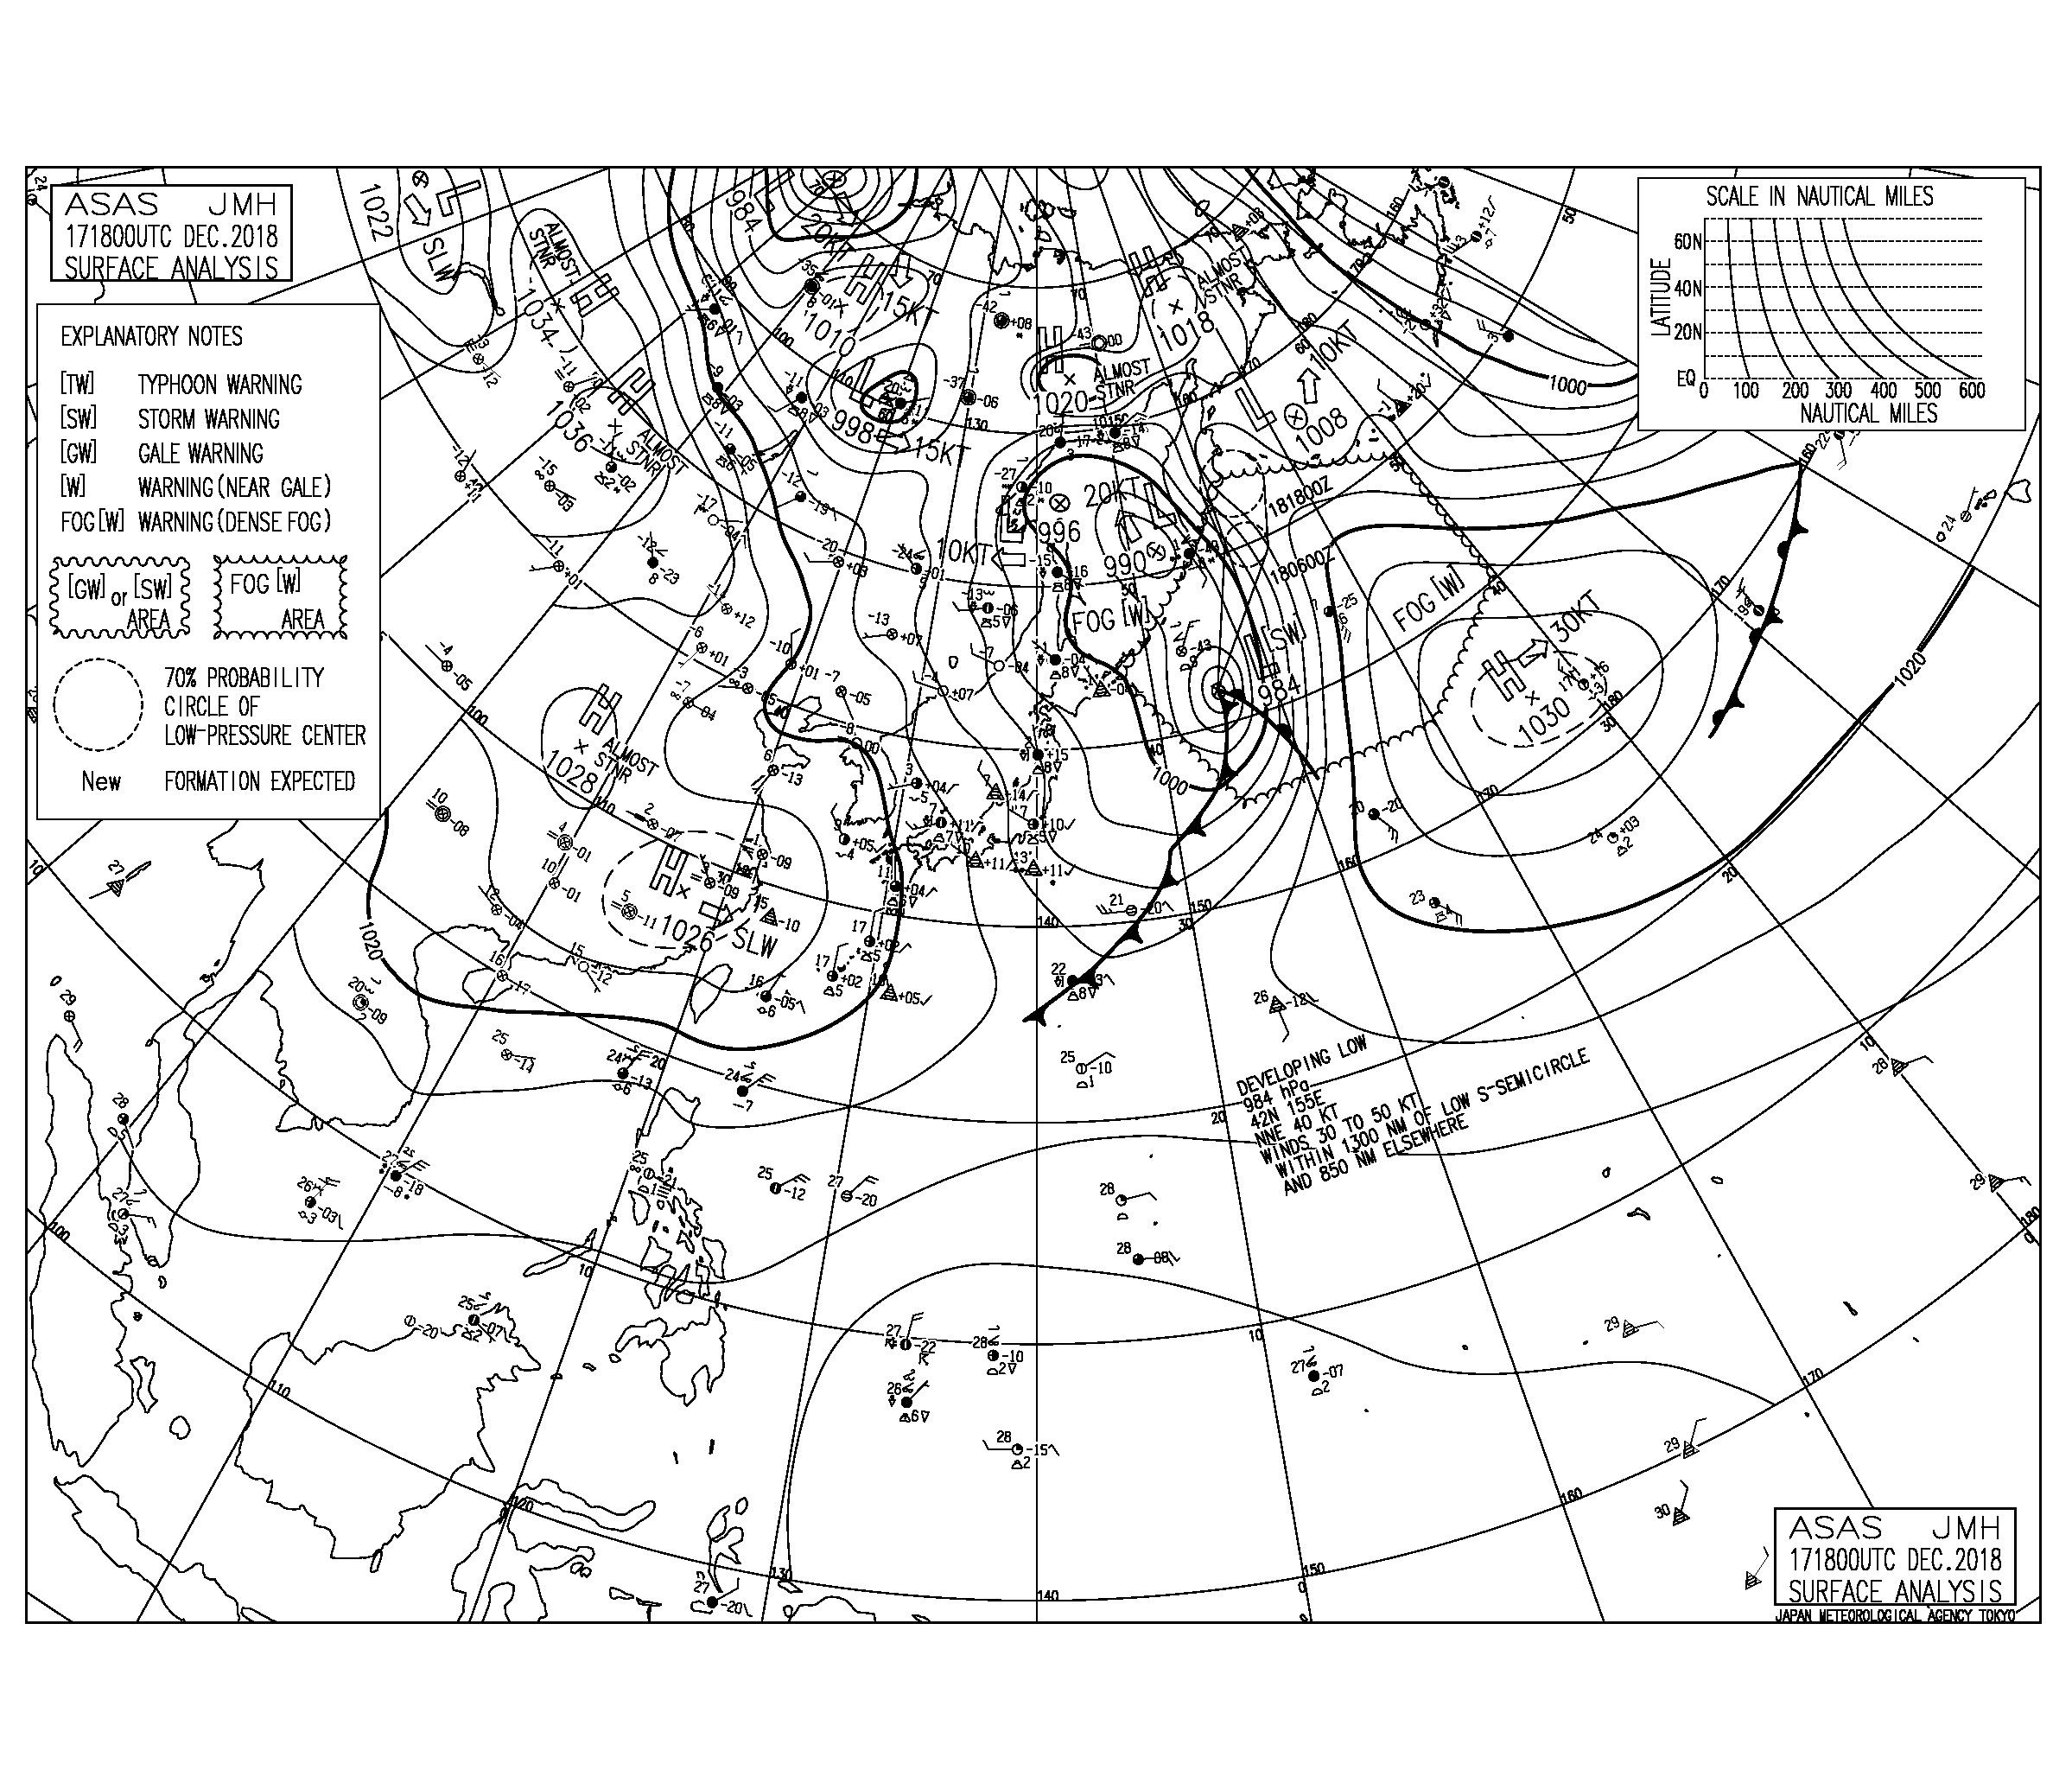 千葉は東うねり&湘南は西うねりが反応して十分なサイズ,風が変わる前に入っておきたい(181218)